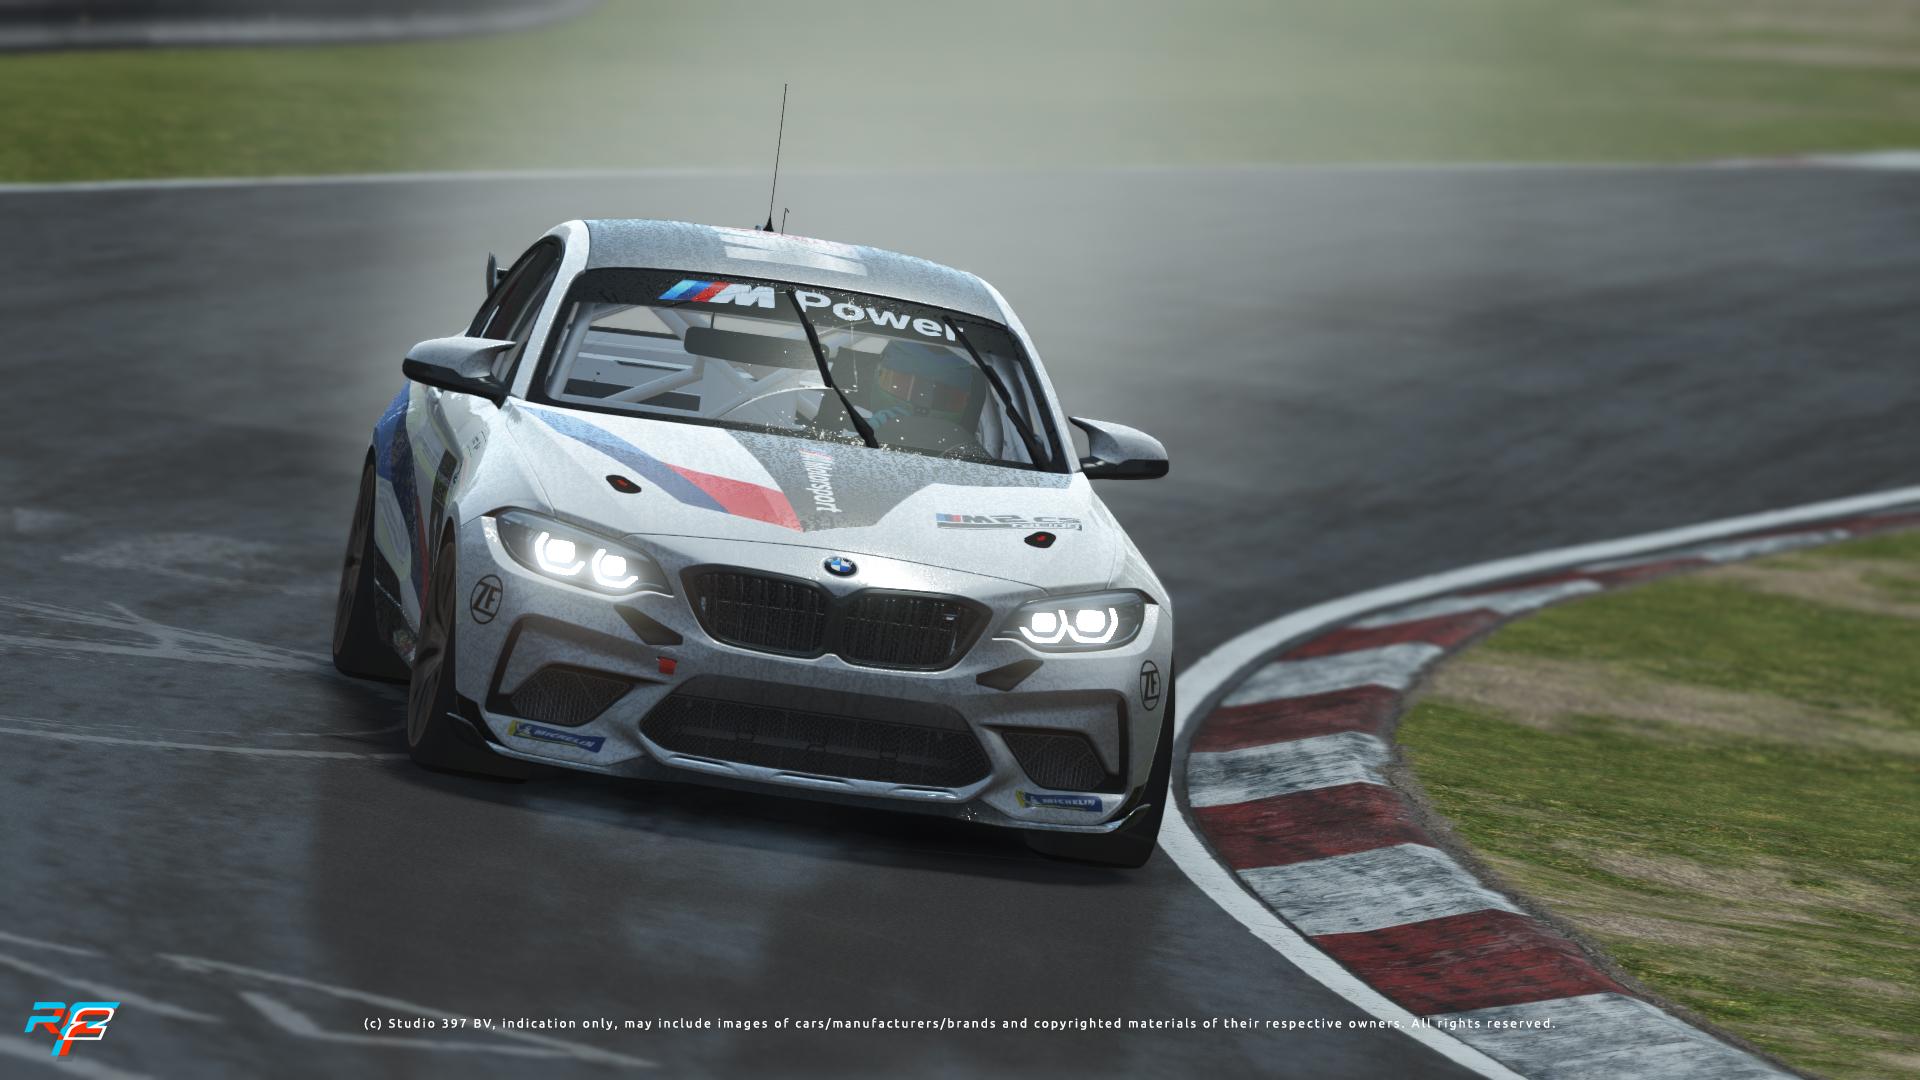 nurburgring_2020_october_screen_01.jpg